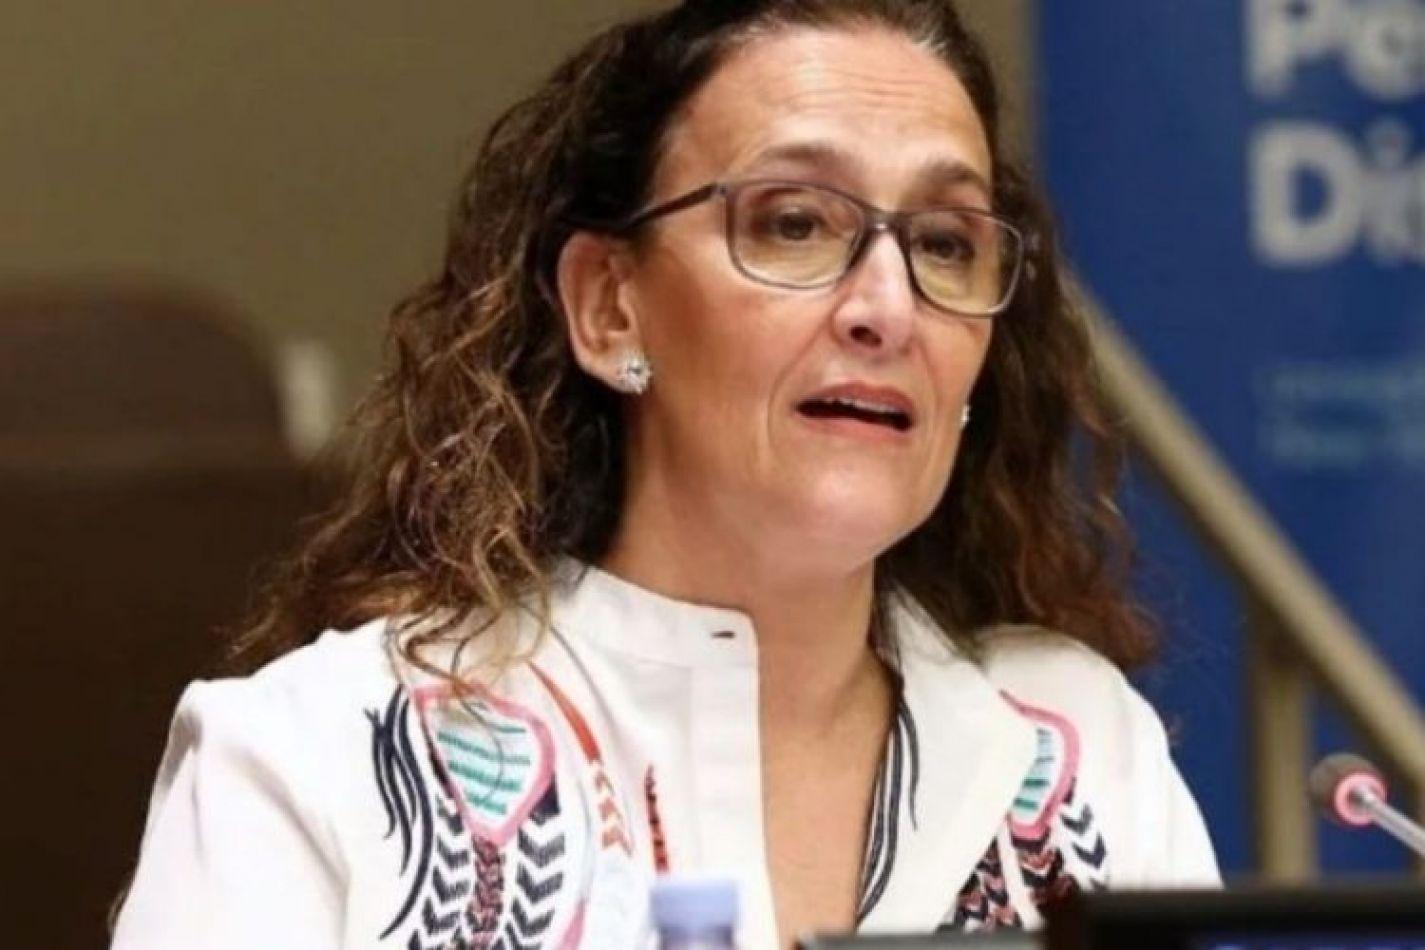 La vicepresidenta de la Nación y titular del Senado, Gabriela Michetti